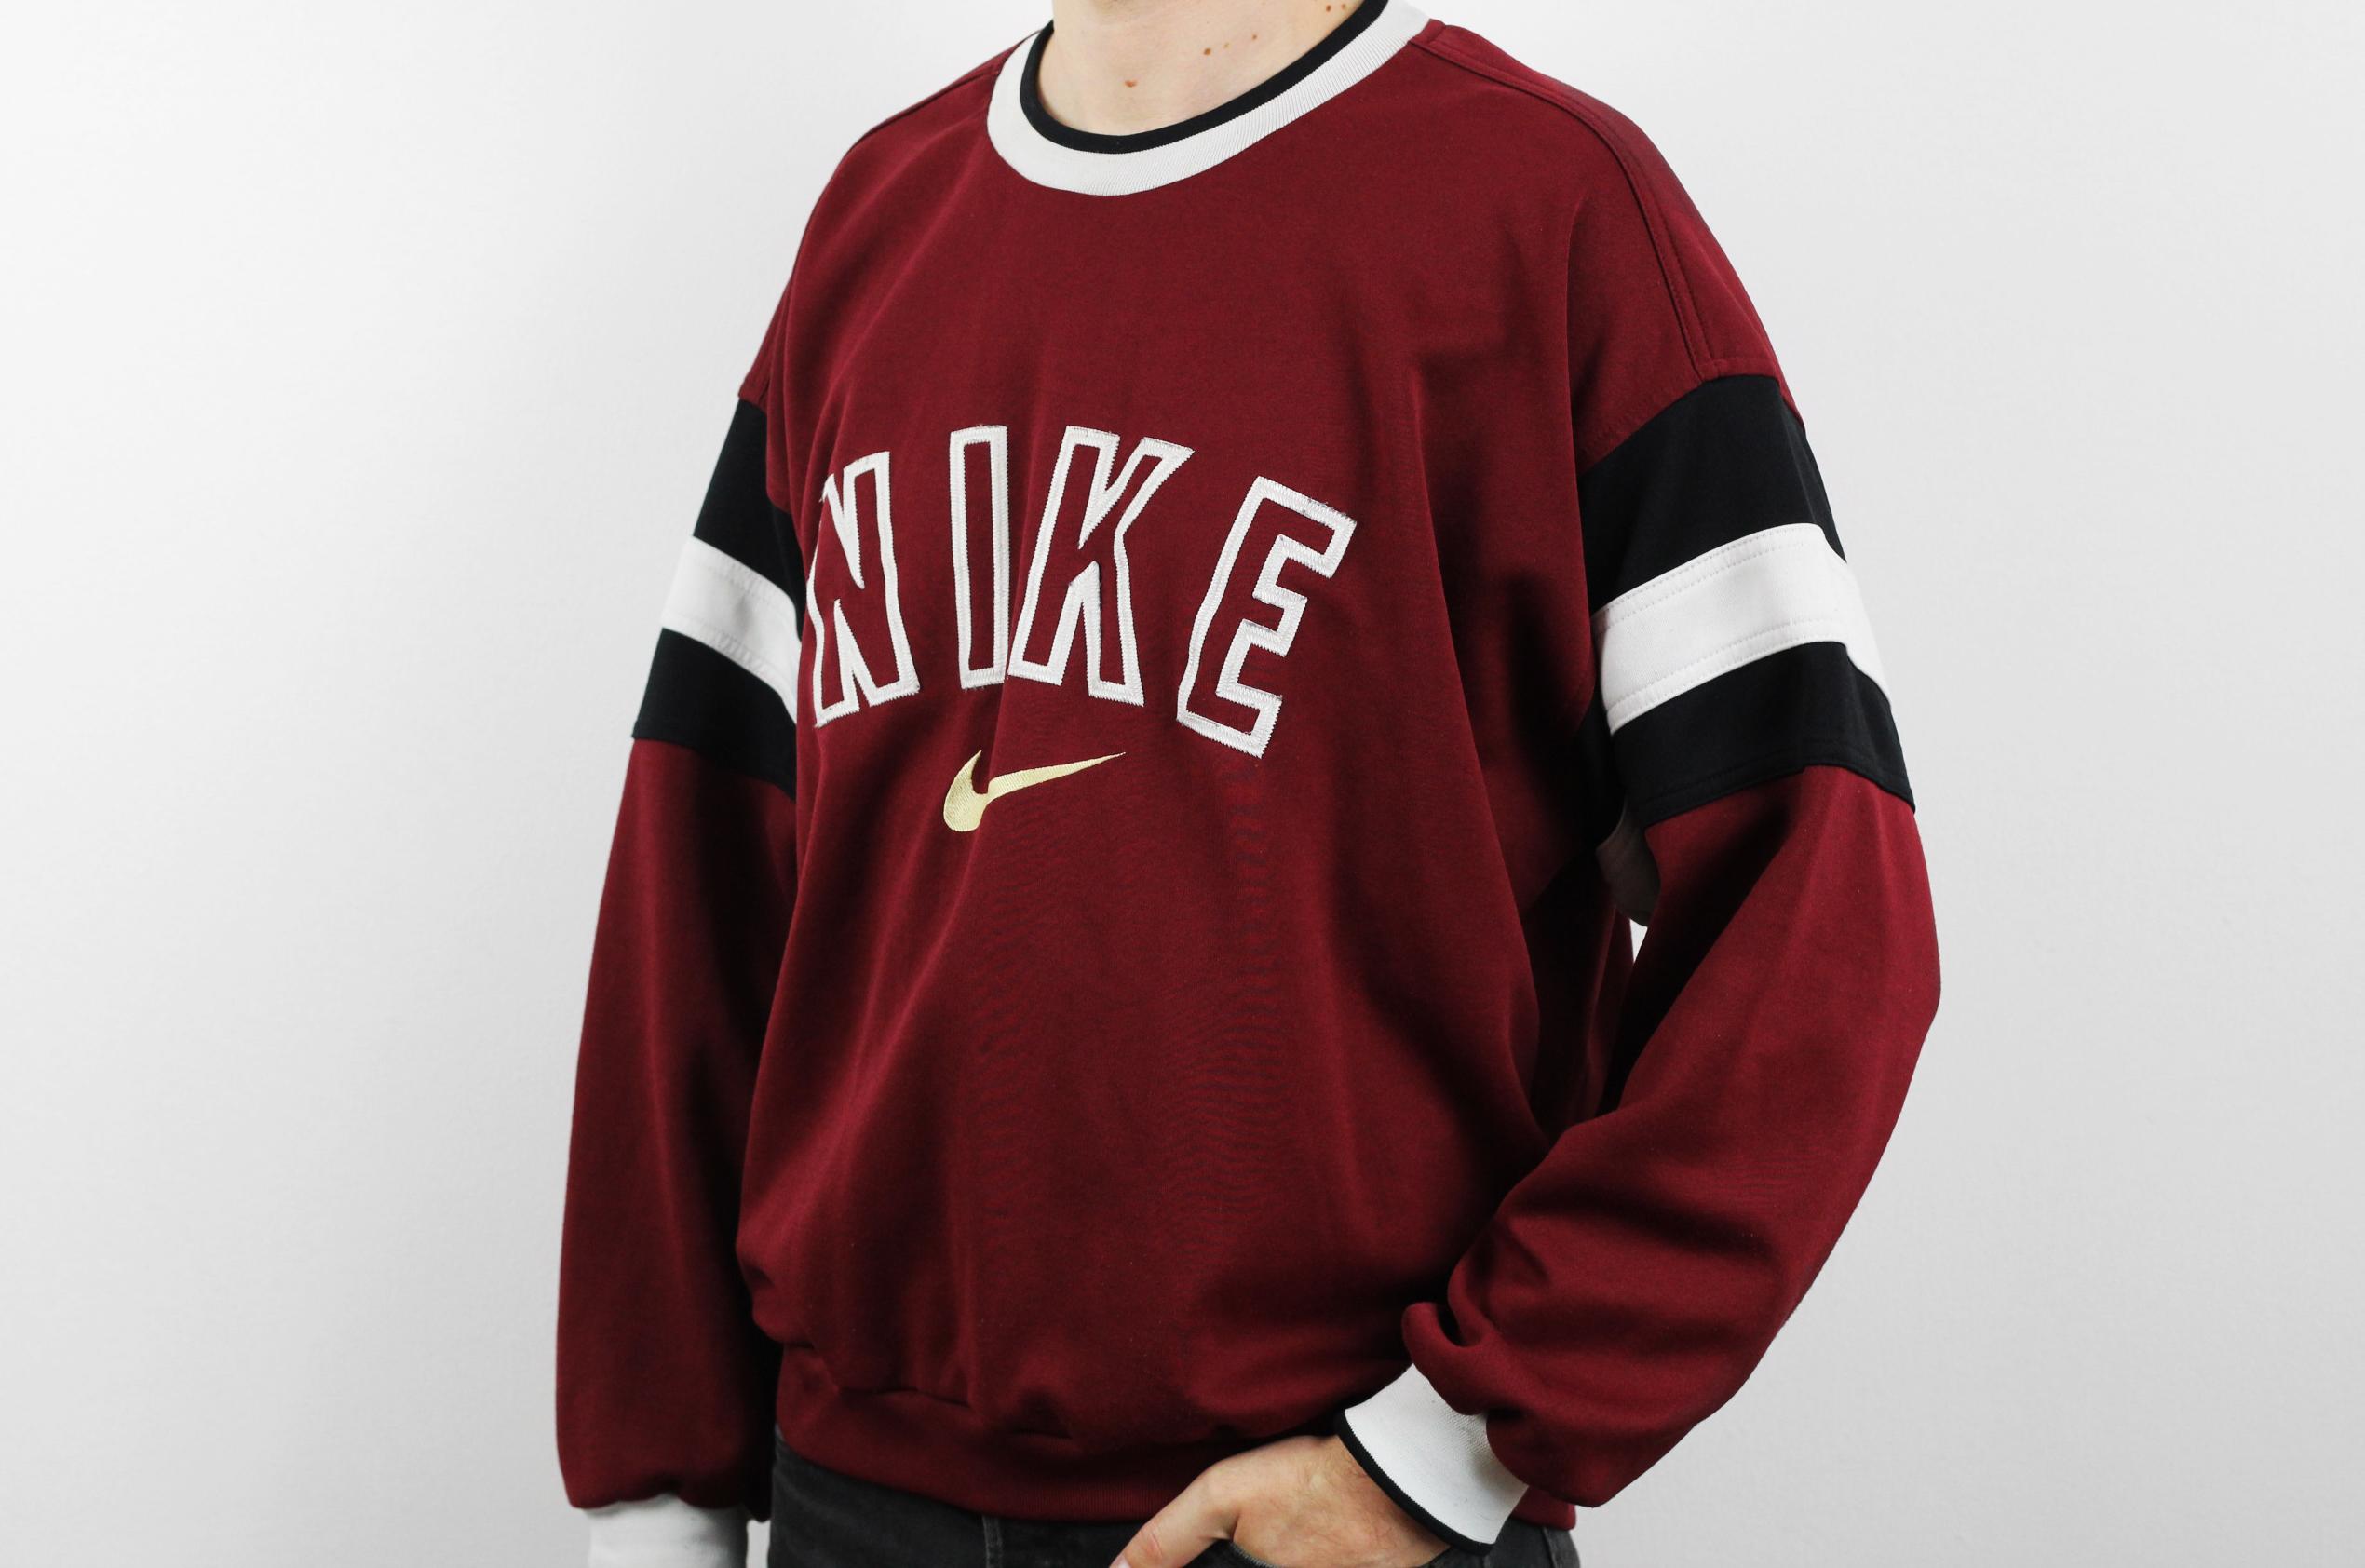 ff97fec7c Vintage ×. NIKE Swoosh sweatshirt / Mens burgundy longsleeves crewneck  jersey ...